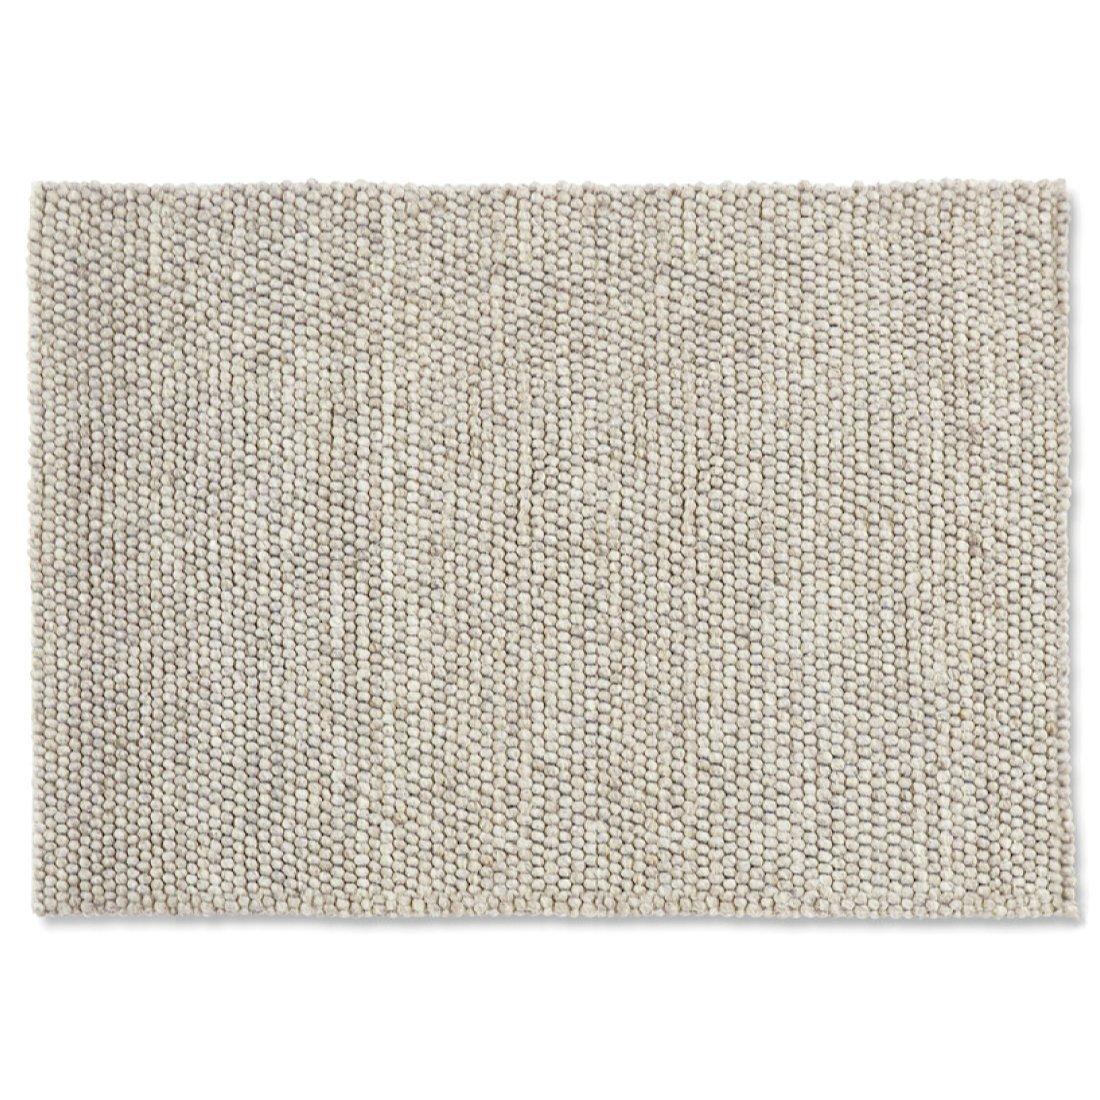 HAY Peas Karpet Vloerkleed 200 x 300 cm Licht Grijs